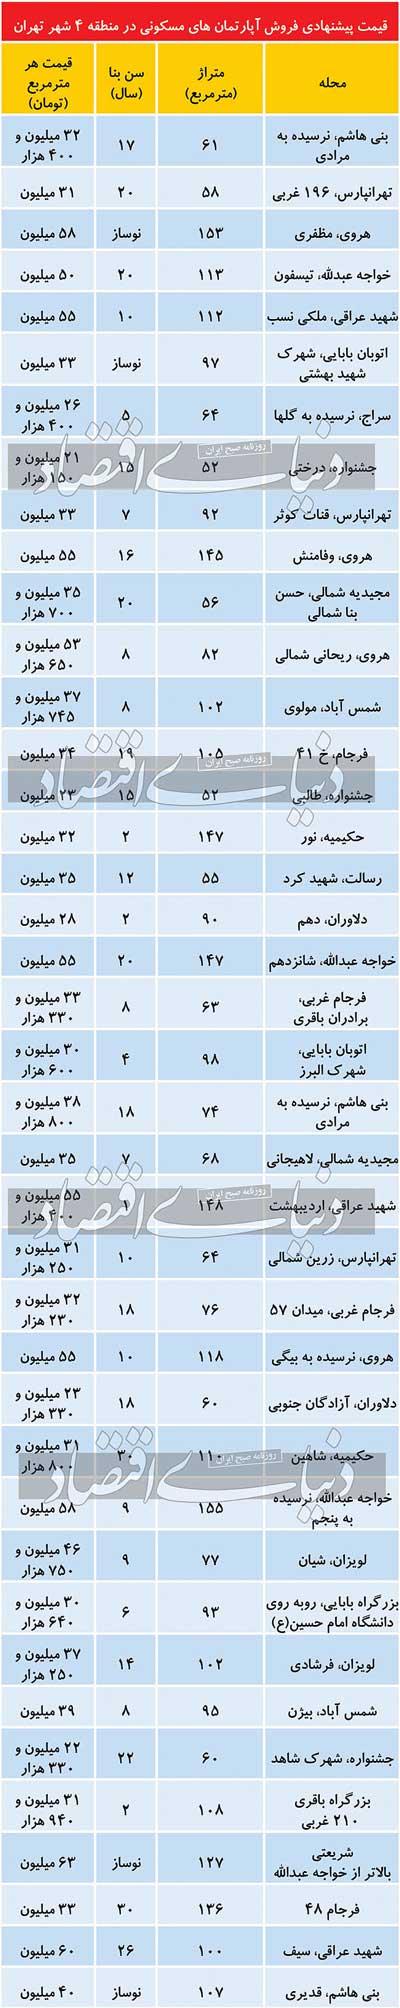 قیمت مسکن در منطقه ۴ تهران